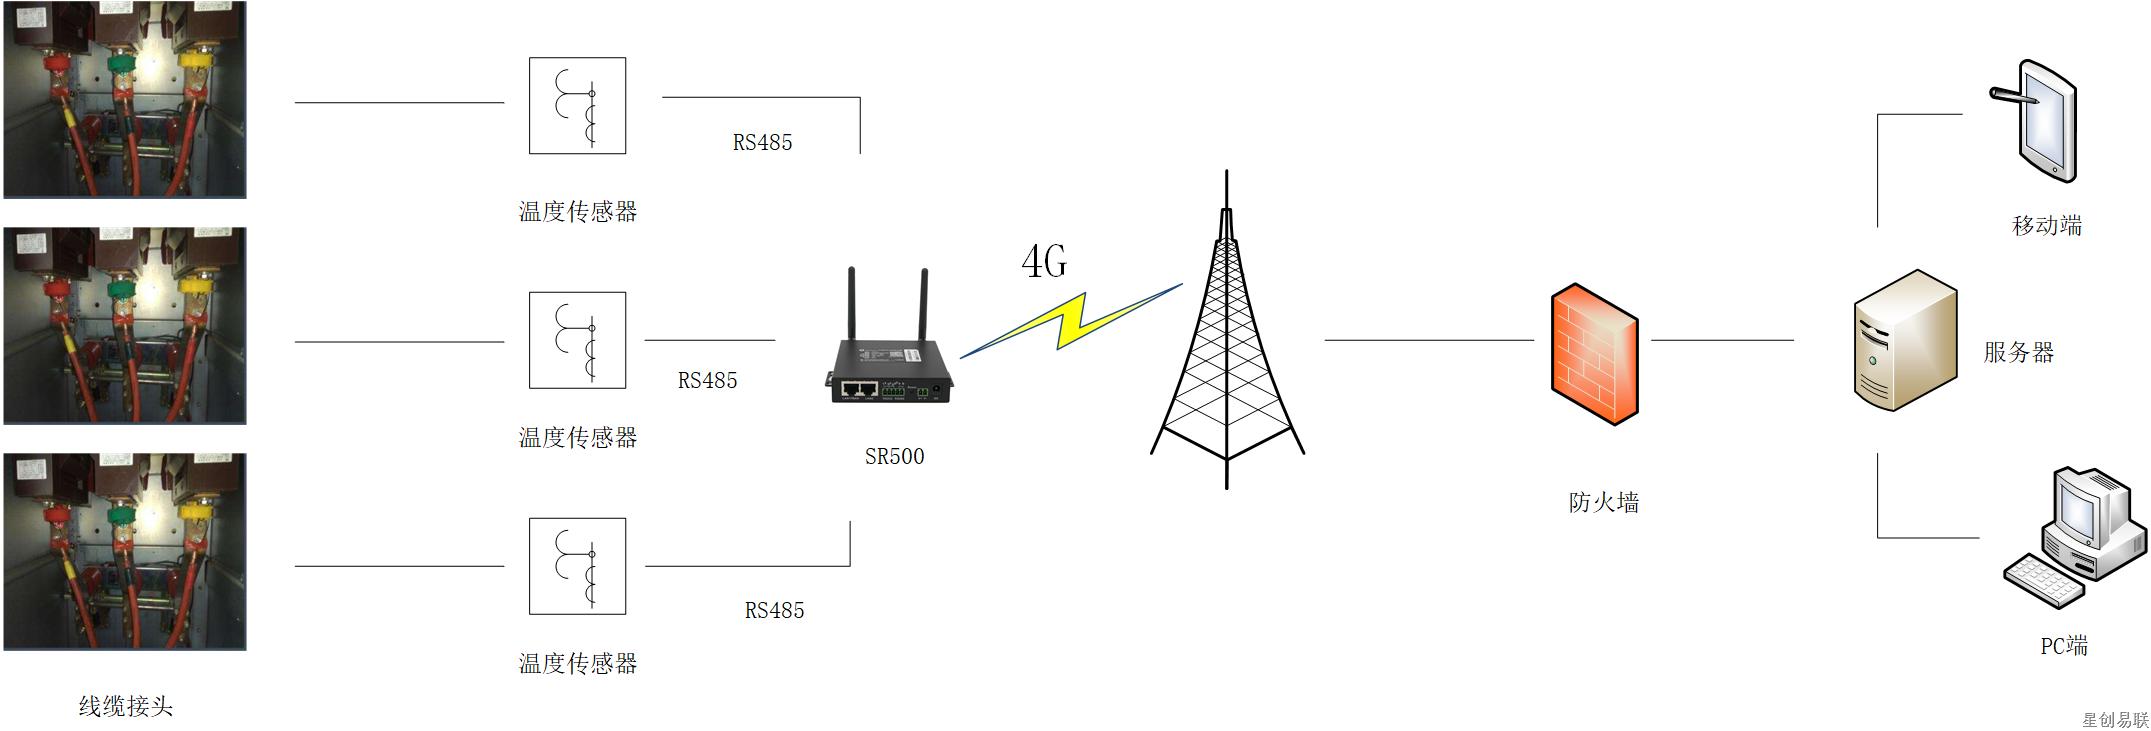 电力线缆无线测温系统.png